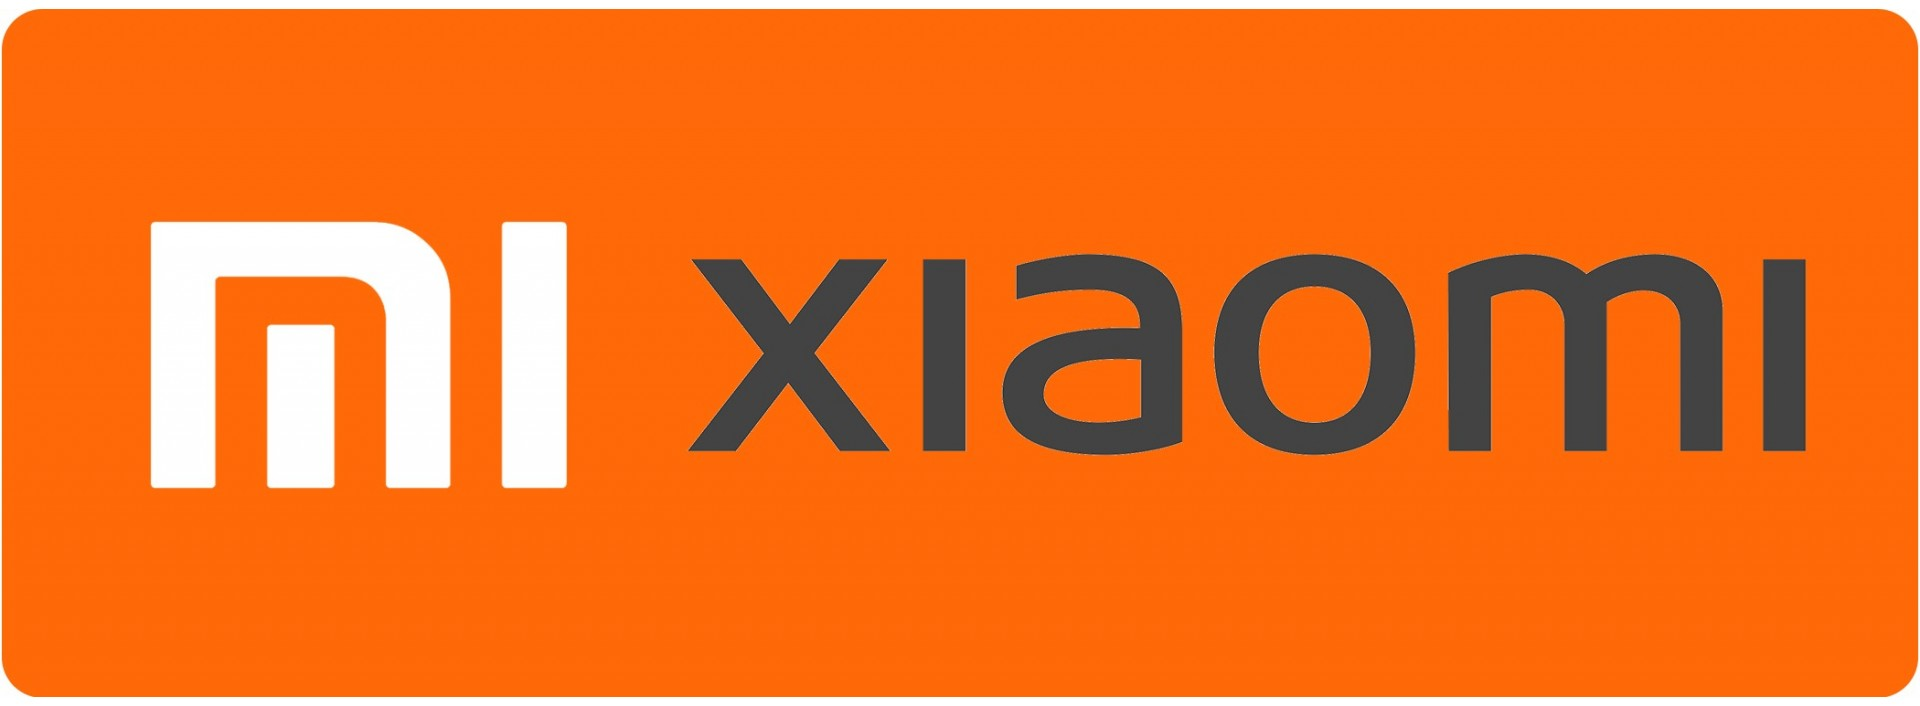 Fundas PERSONALIZADAS Xiaomi Serie Mi, compra ya, Envío Gratis en TMS